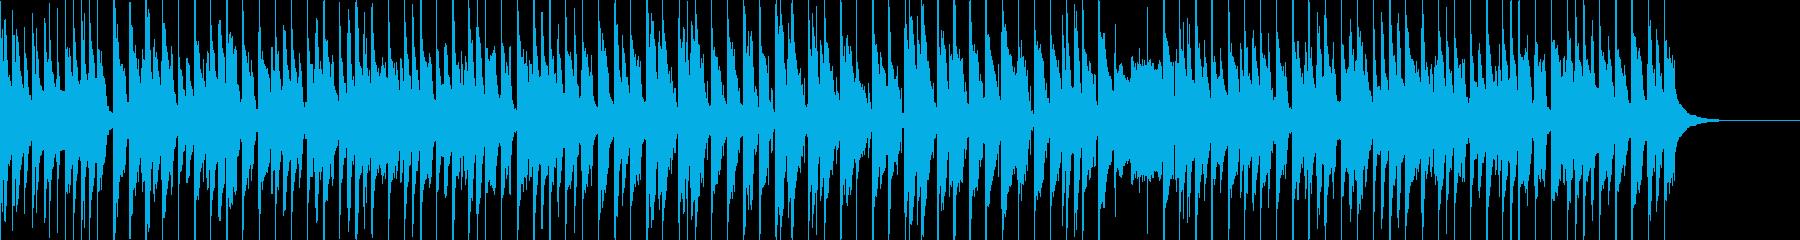 子供向けのわんぱくなBGMの再生済みの波形